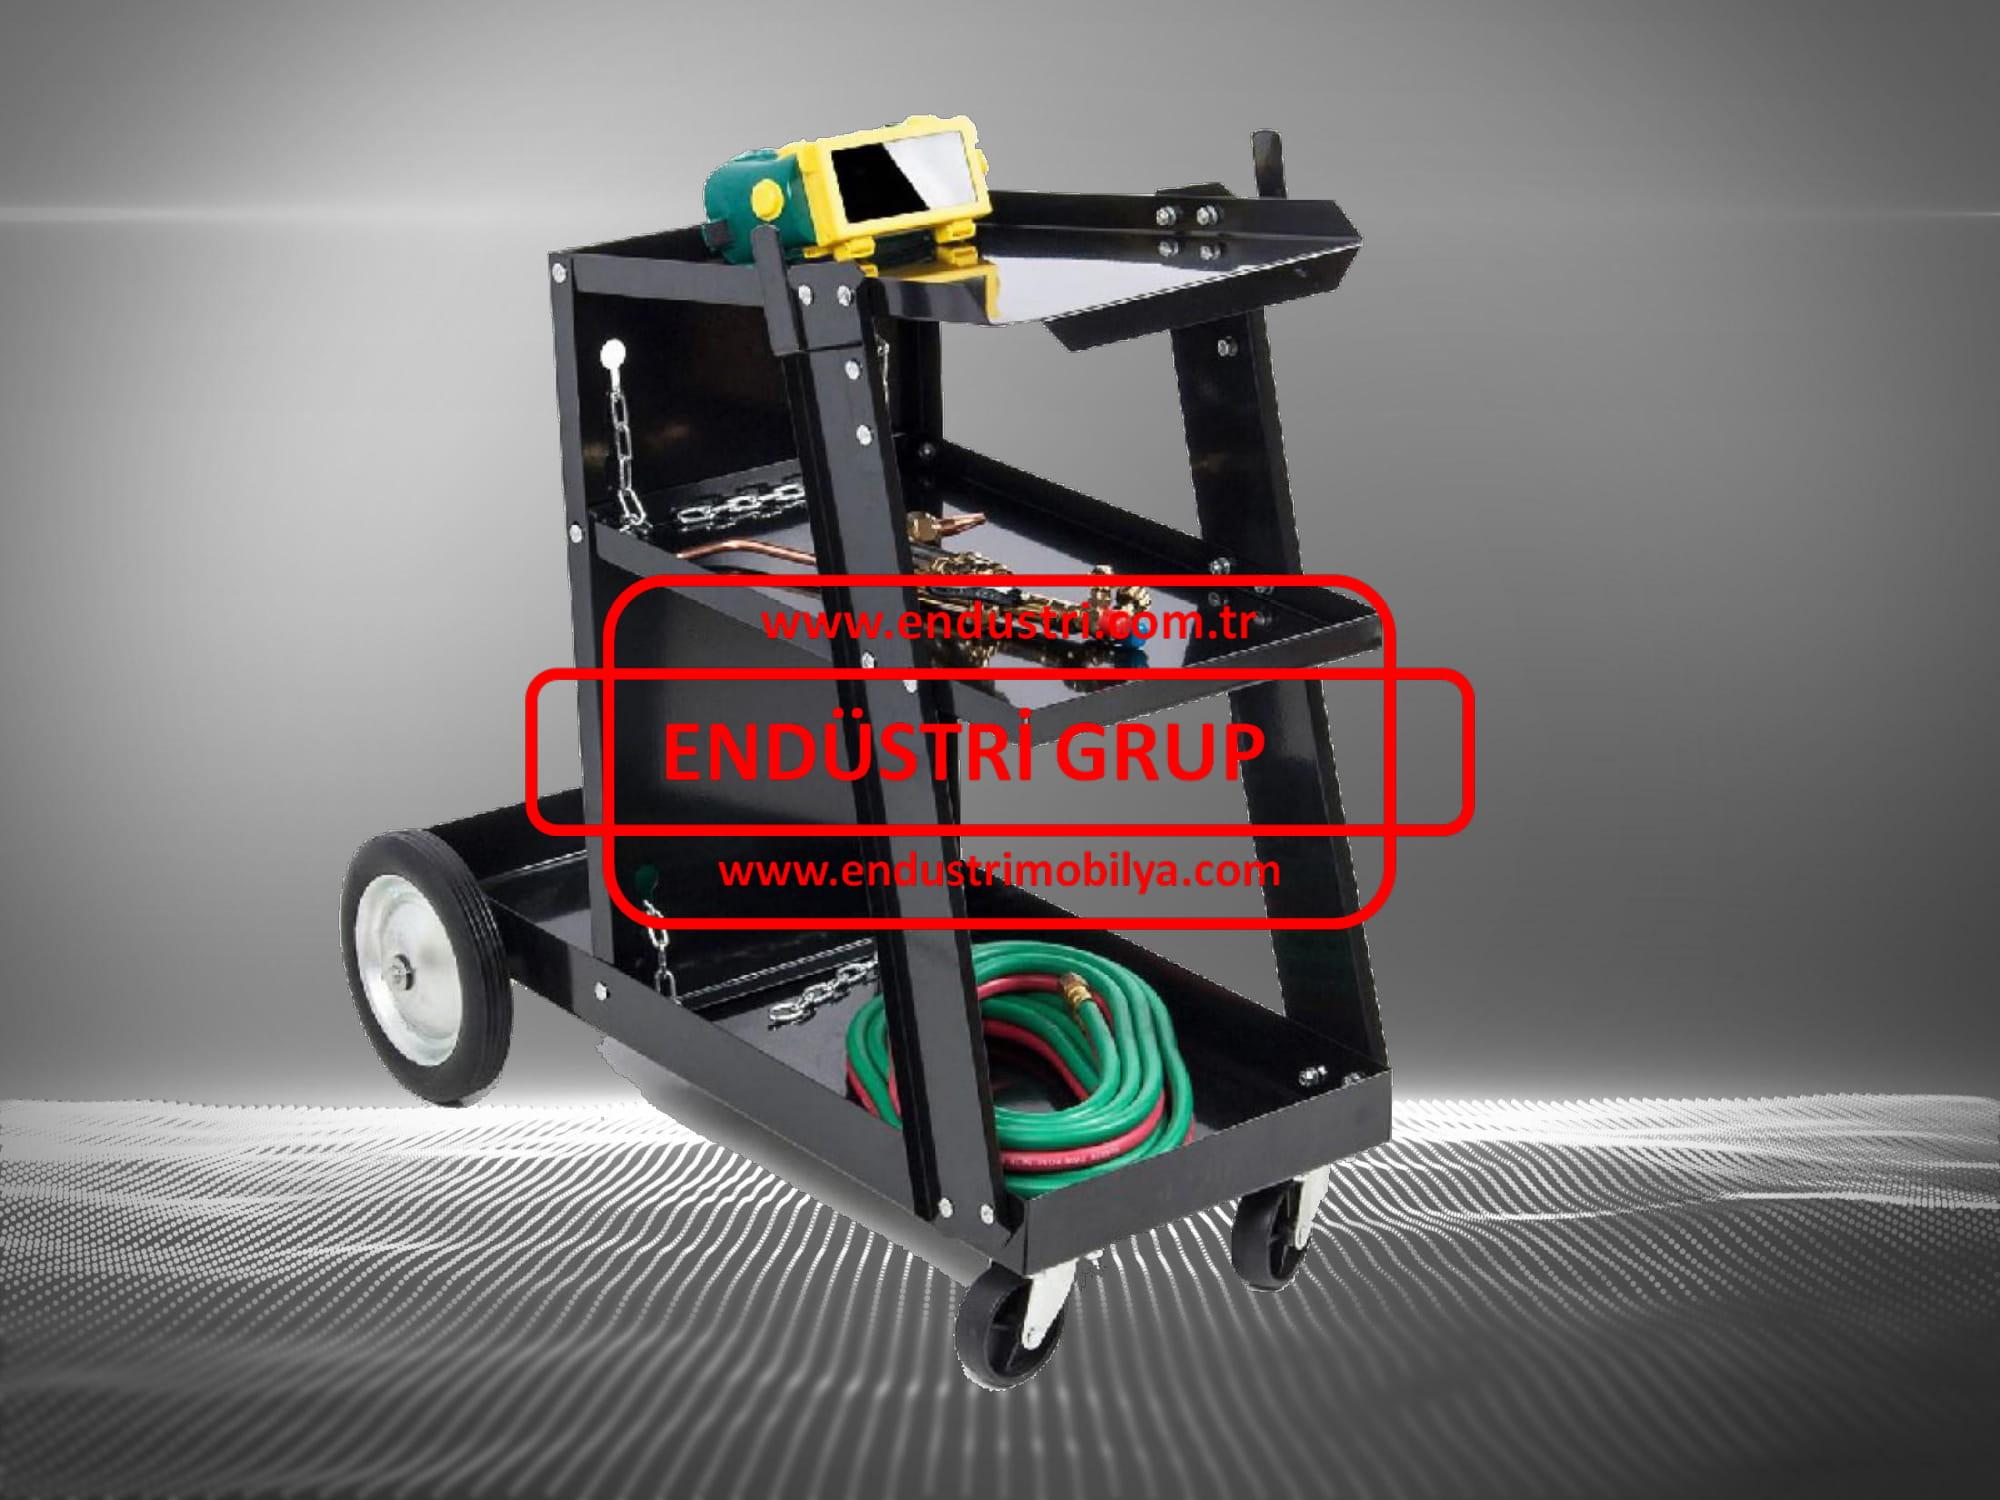 tekerlekli-mig-mag-gazalti-kaynak-makinasi-tasima-arabasi-argan-invertor-inverter-makinalari-goturme-arabalari